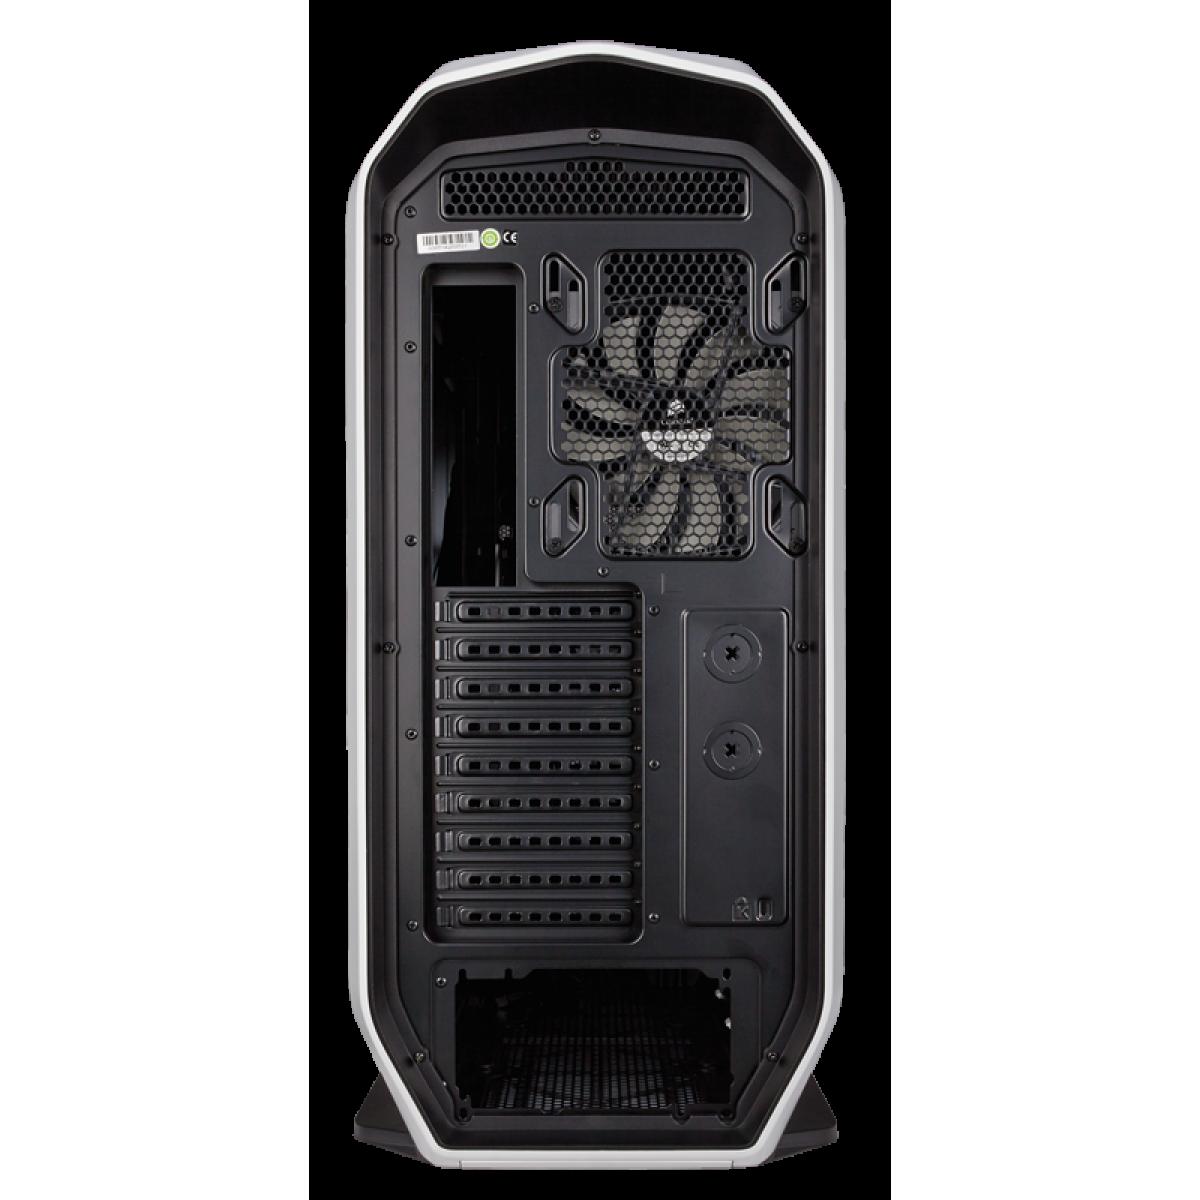 Gabinete Gamer Corsair Graphite 780T, Full Tower, Com 3 Fans, Lateral em Acrílico, White, Sem Fonte, CC-9011059-WW